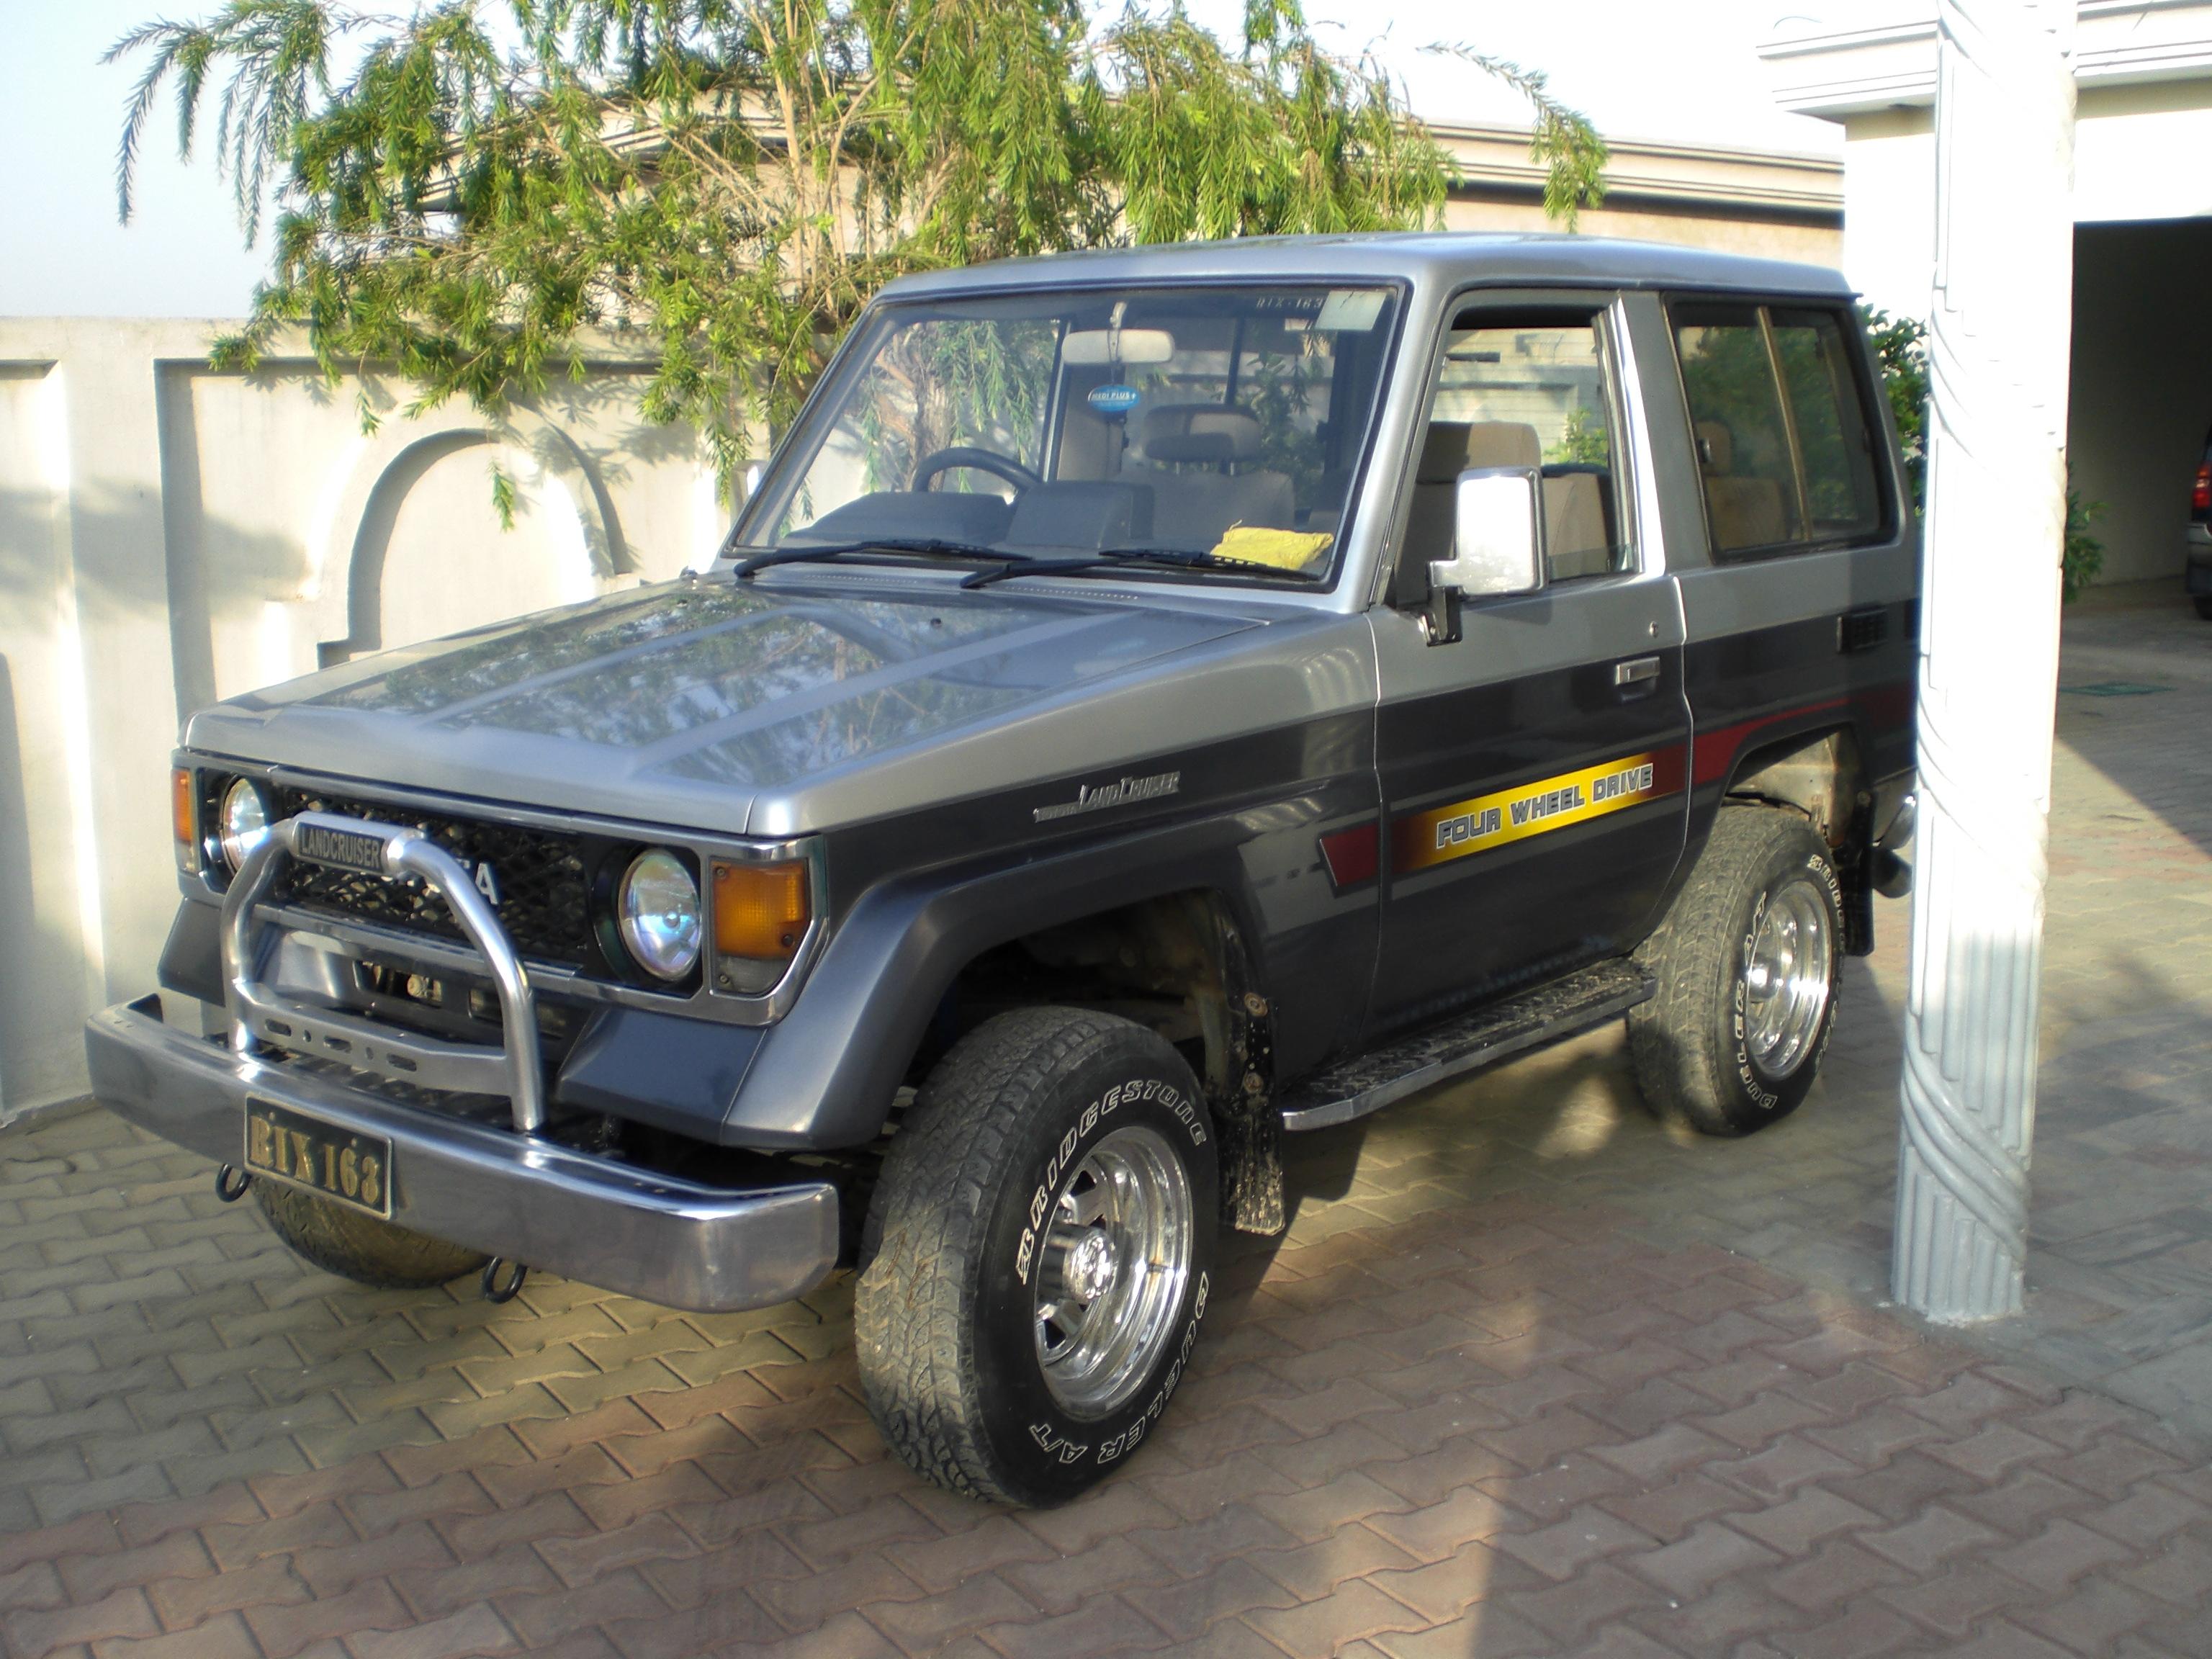 Toyota Land Cruiser 1986 Of Mughalz123 Member Ride 14798